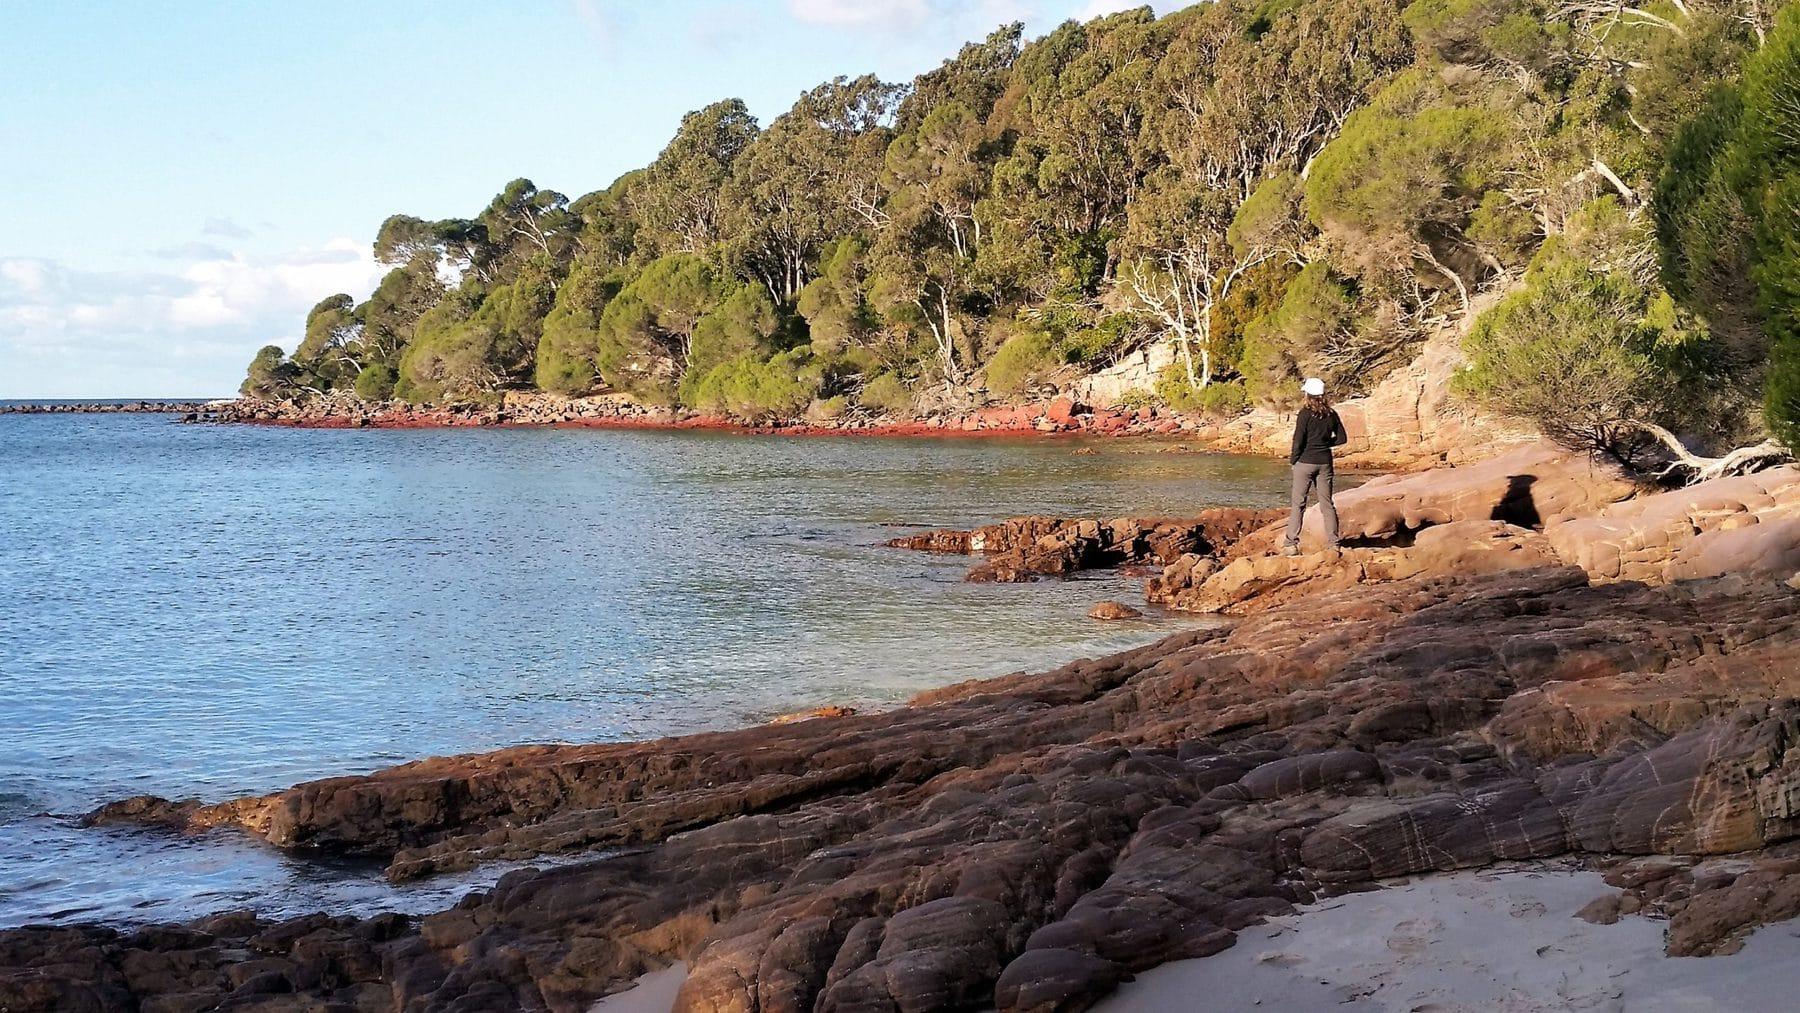 woman standing on rocks beside water in a bay